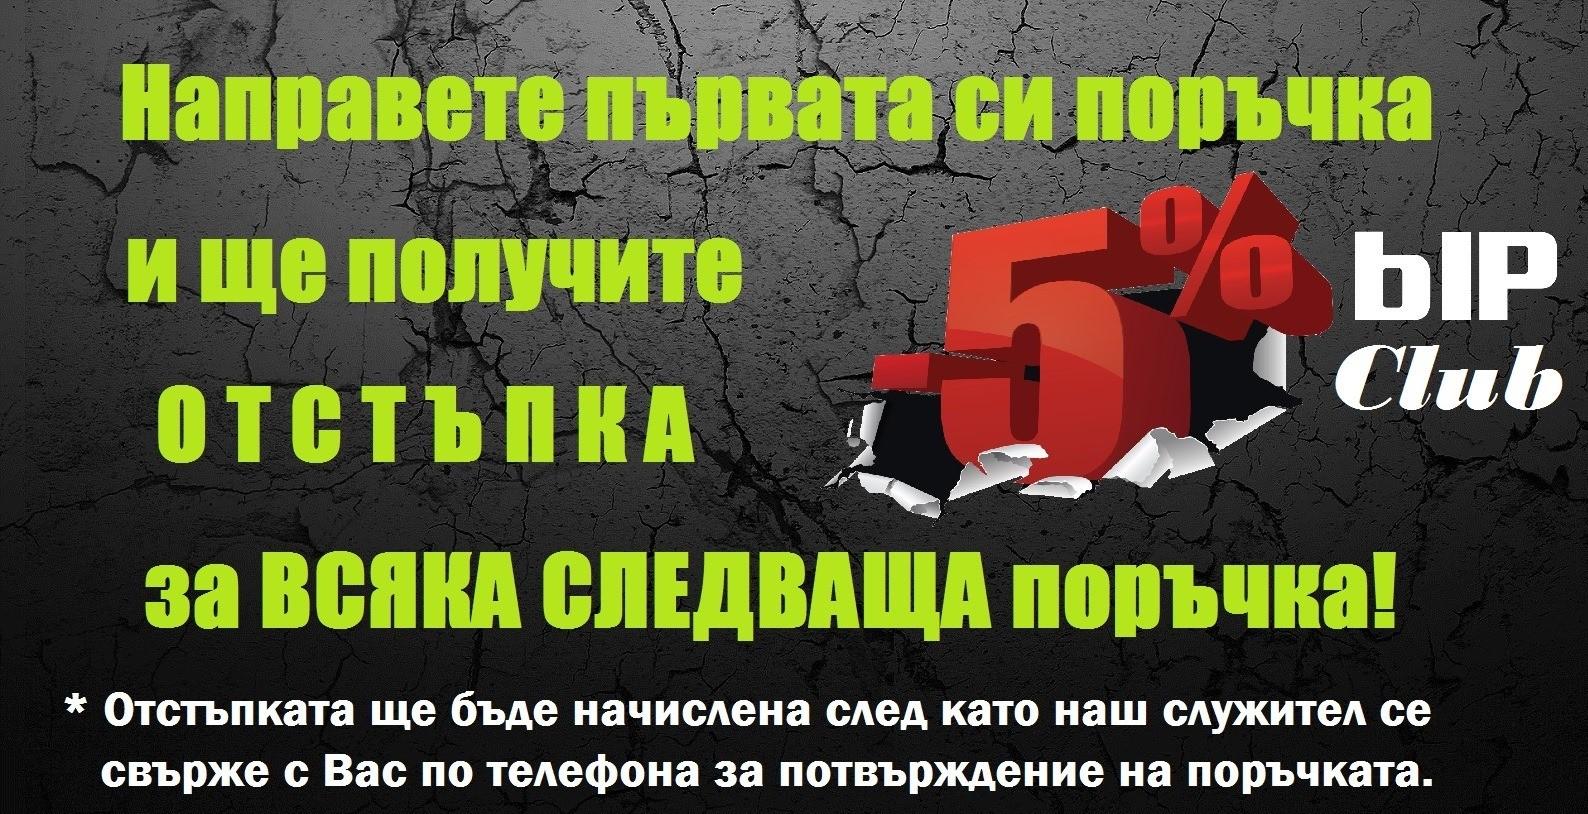 -5% ОТСТЪПКА след първата поръчка на ВСИЧКИ СТОКИ